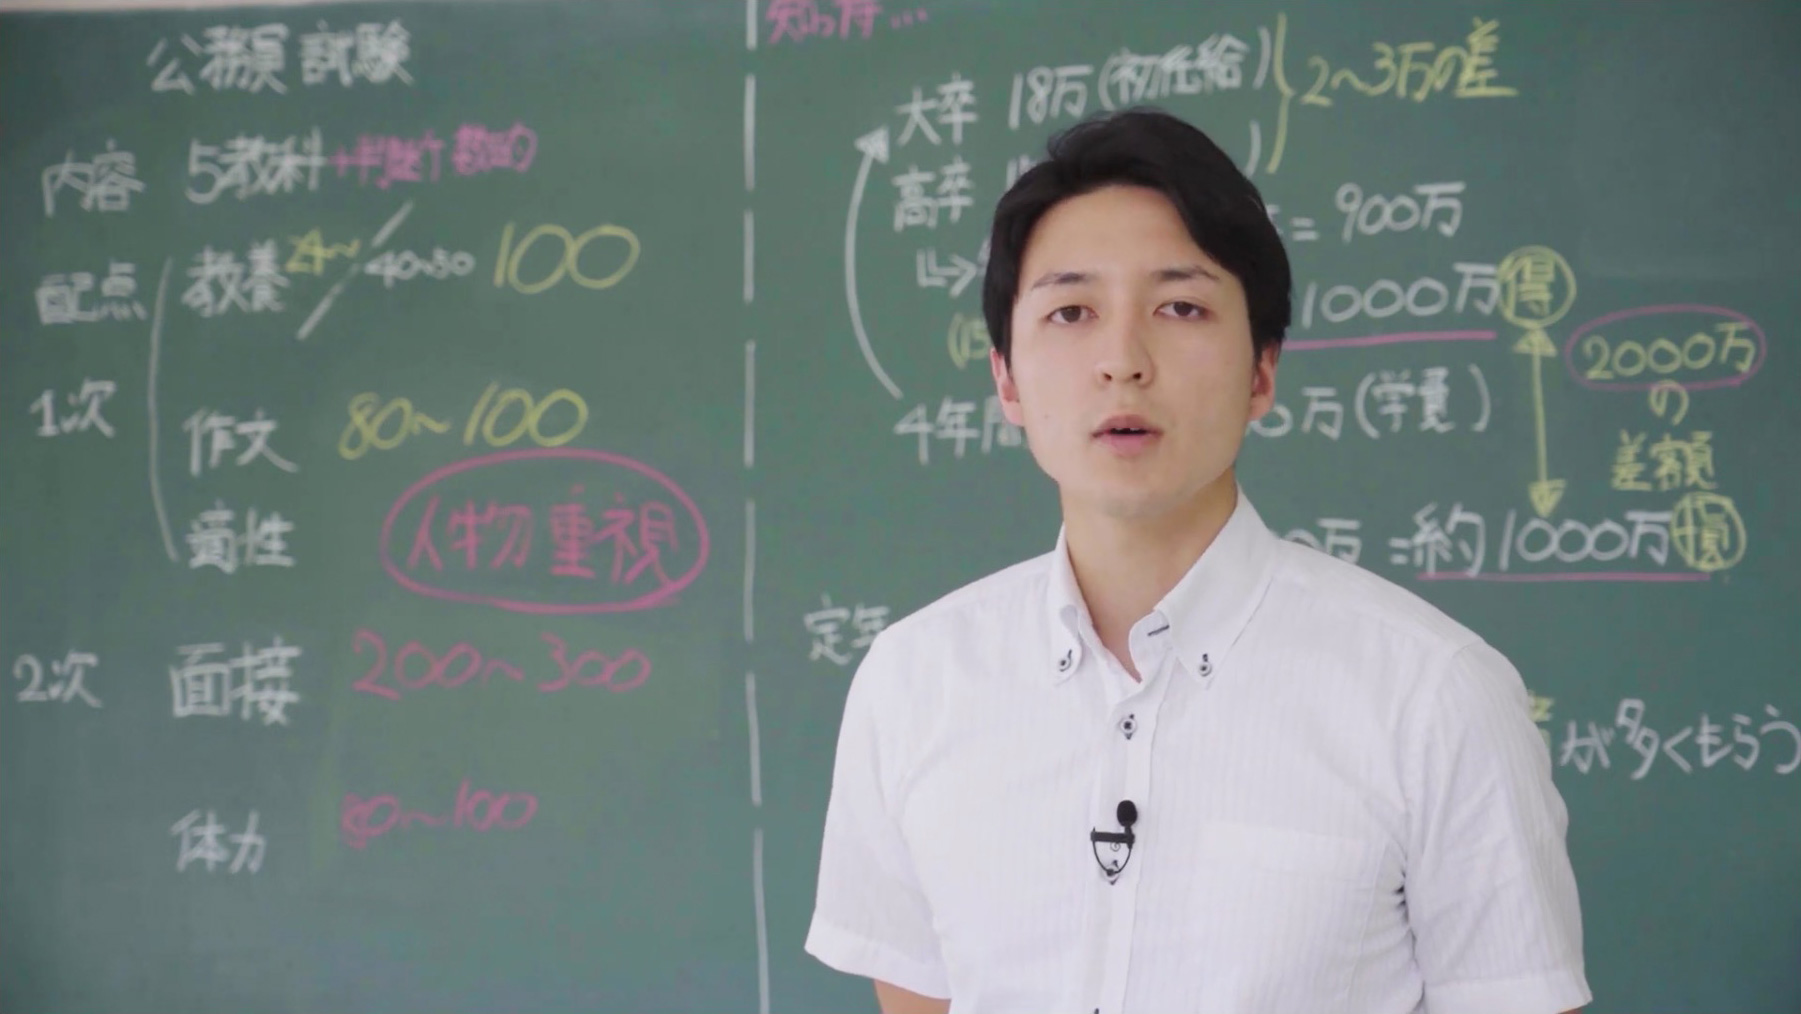 総合公務員科 - 仙台総合ビジネス公務員専門学校